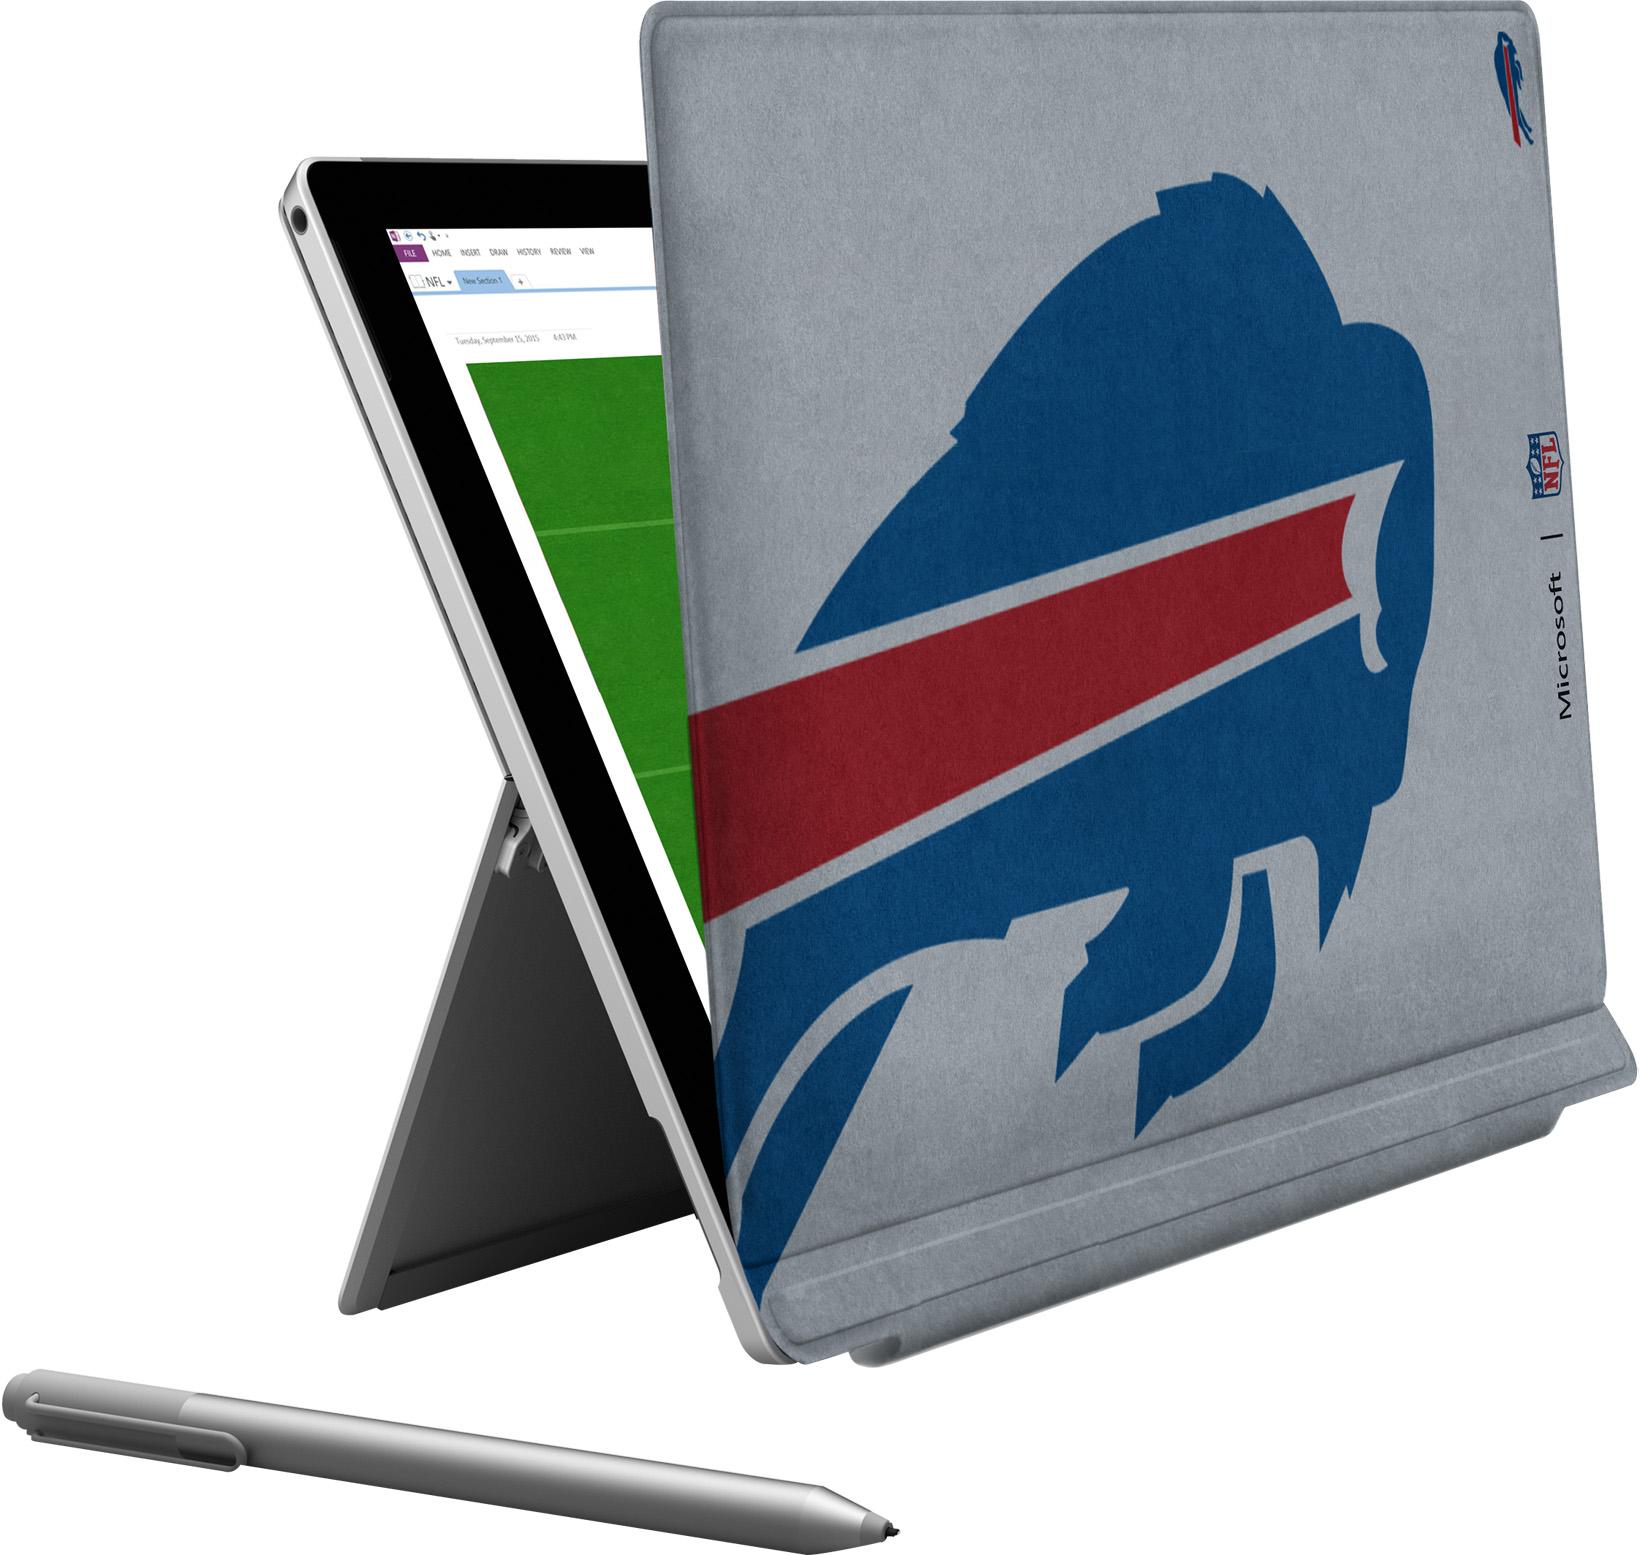 Microsoft Surface Pro 4 Buffalo Bills Type Cover